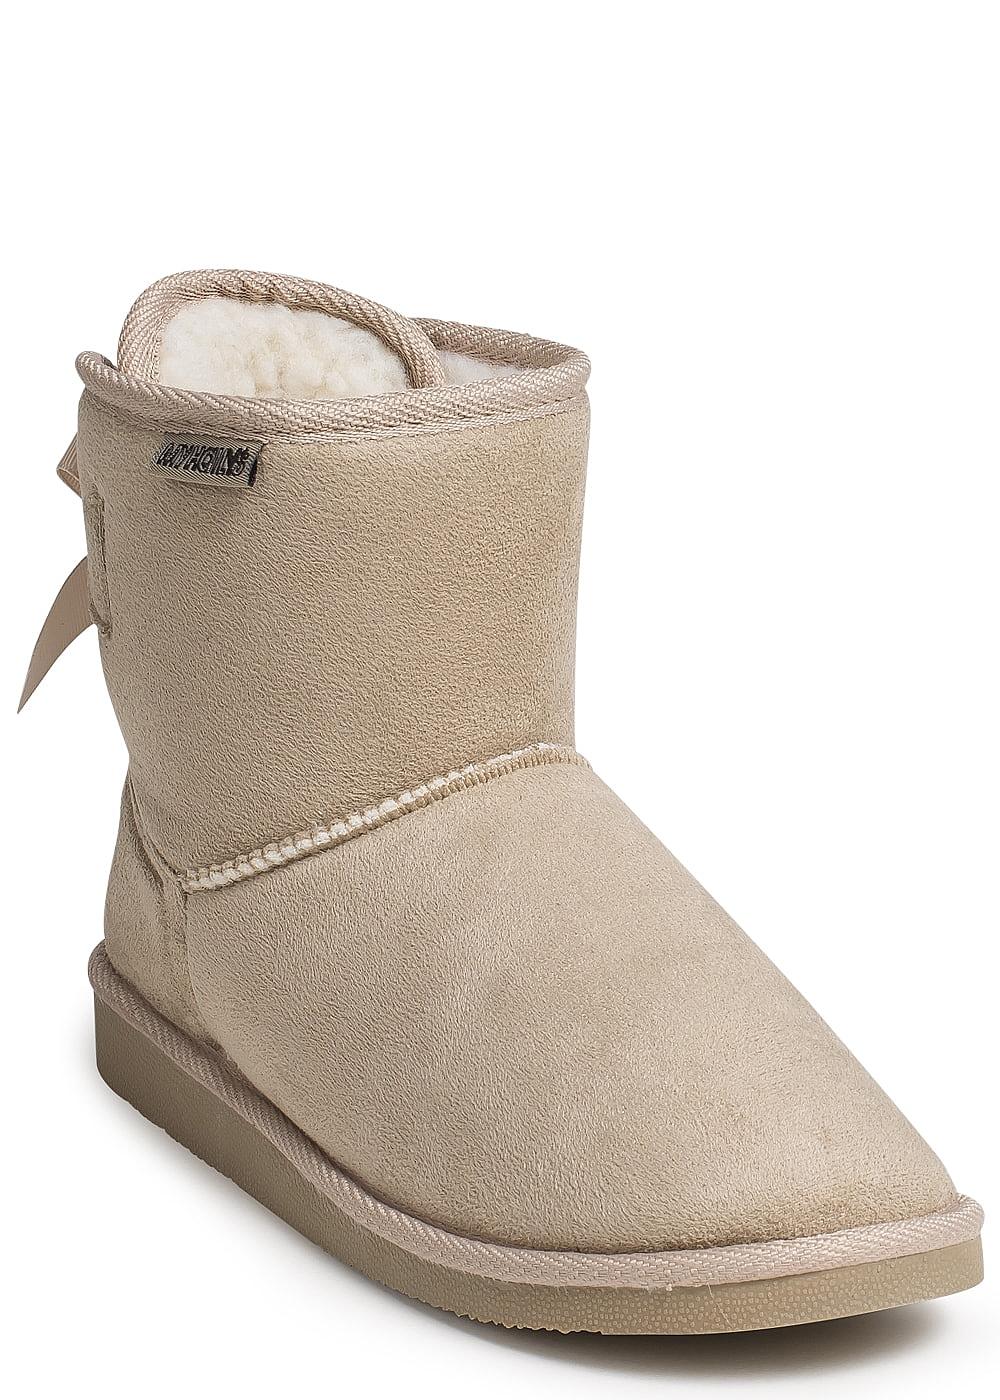 seventyseven lifestyle schuh boots schleife hinten mit teddyfutter gef ttert beige 77onlineshop. Black Bedroom Furniture Sets. Home Design Ideas